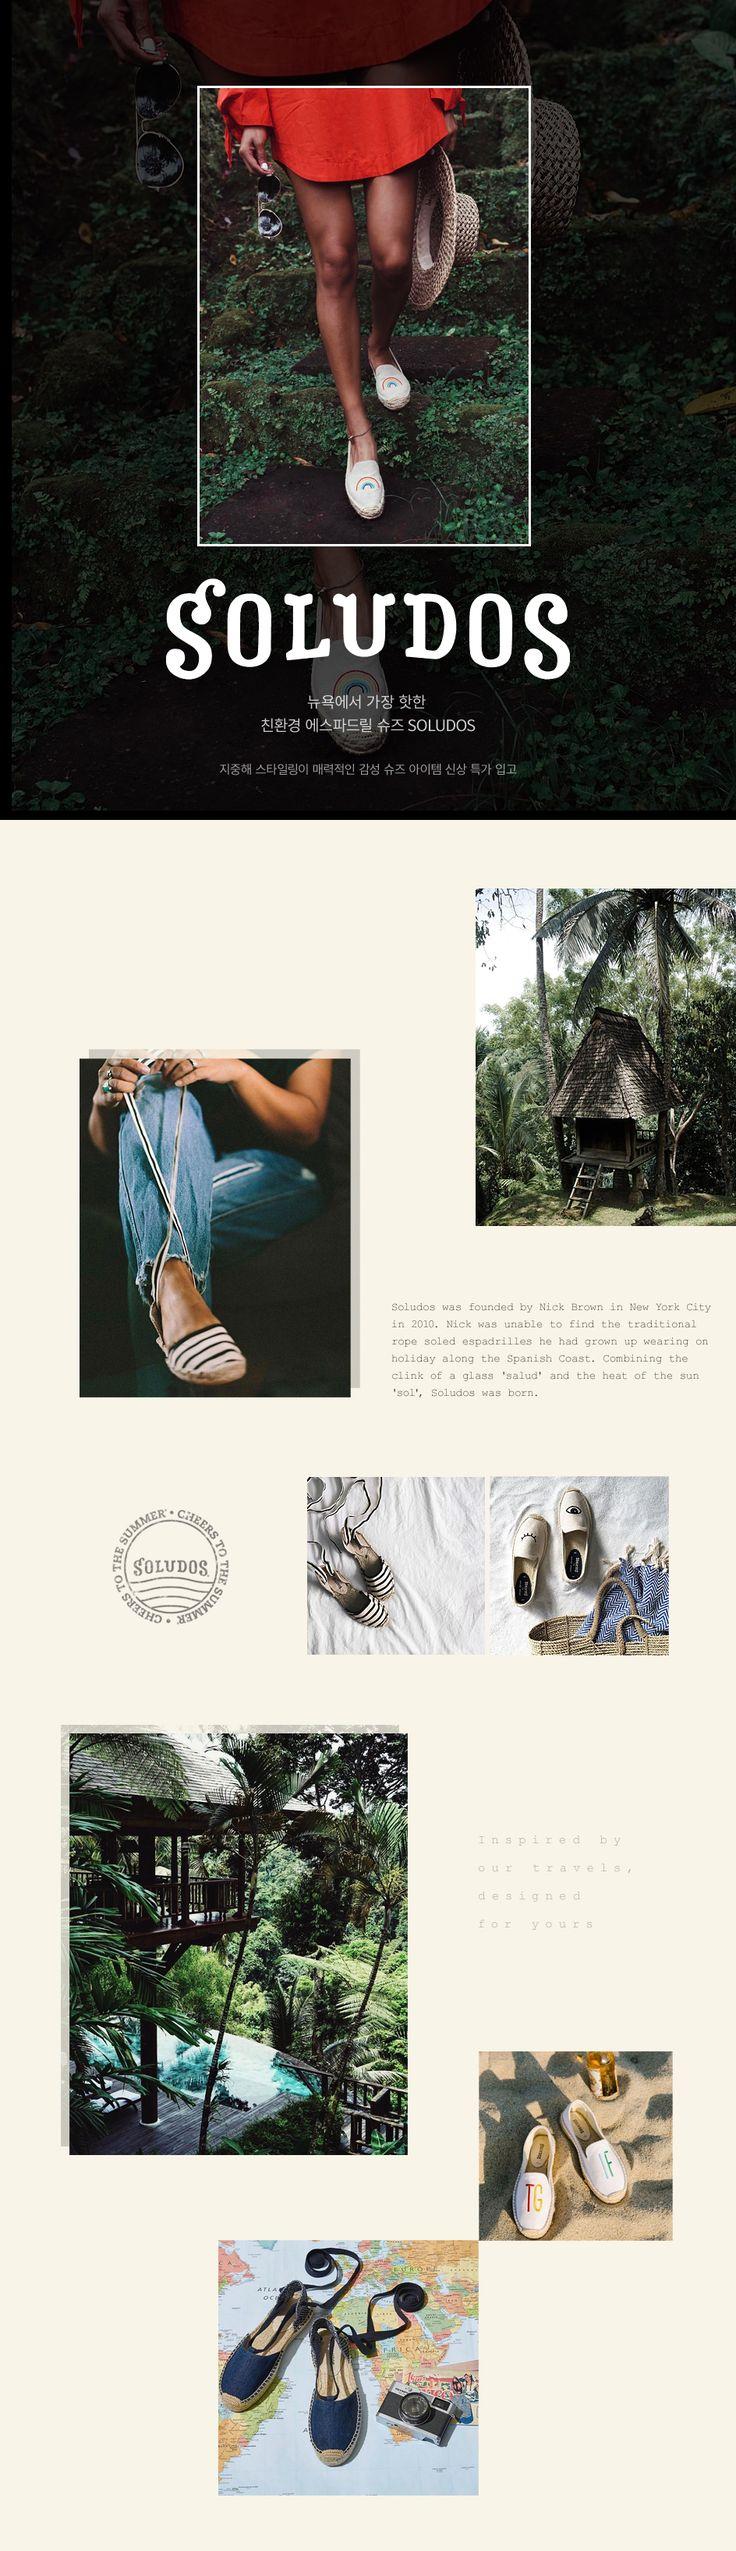 wizwid 위즈위드 여성 의류 신발 우먼 슈즈 패션 기획전 SOLUDOS 뉴욕에서 가장 핫한 에스파드릴 슈즈 솔로두스 신상 입고!